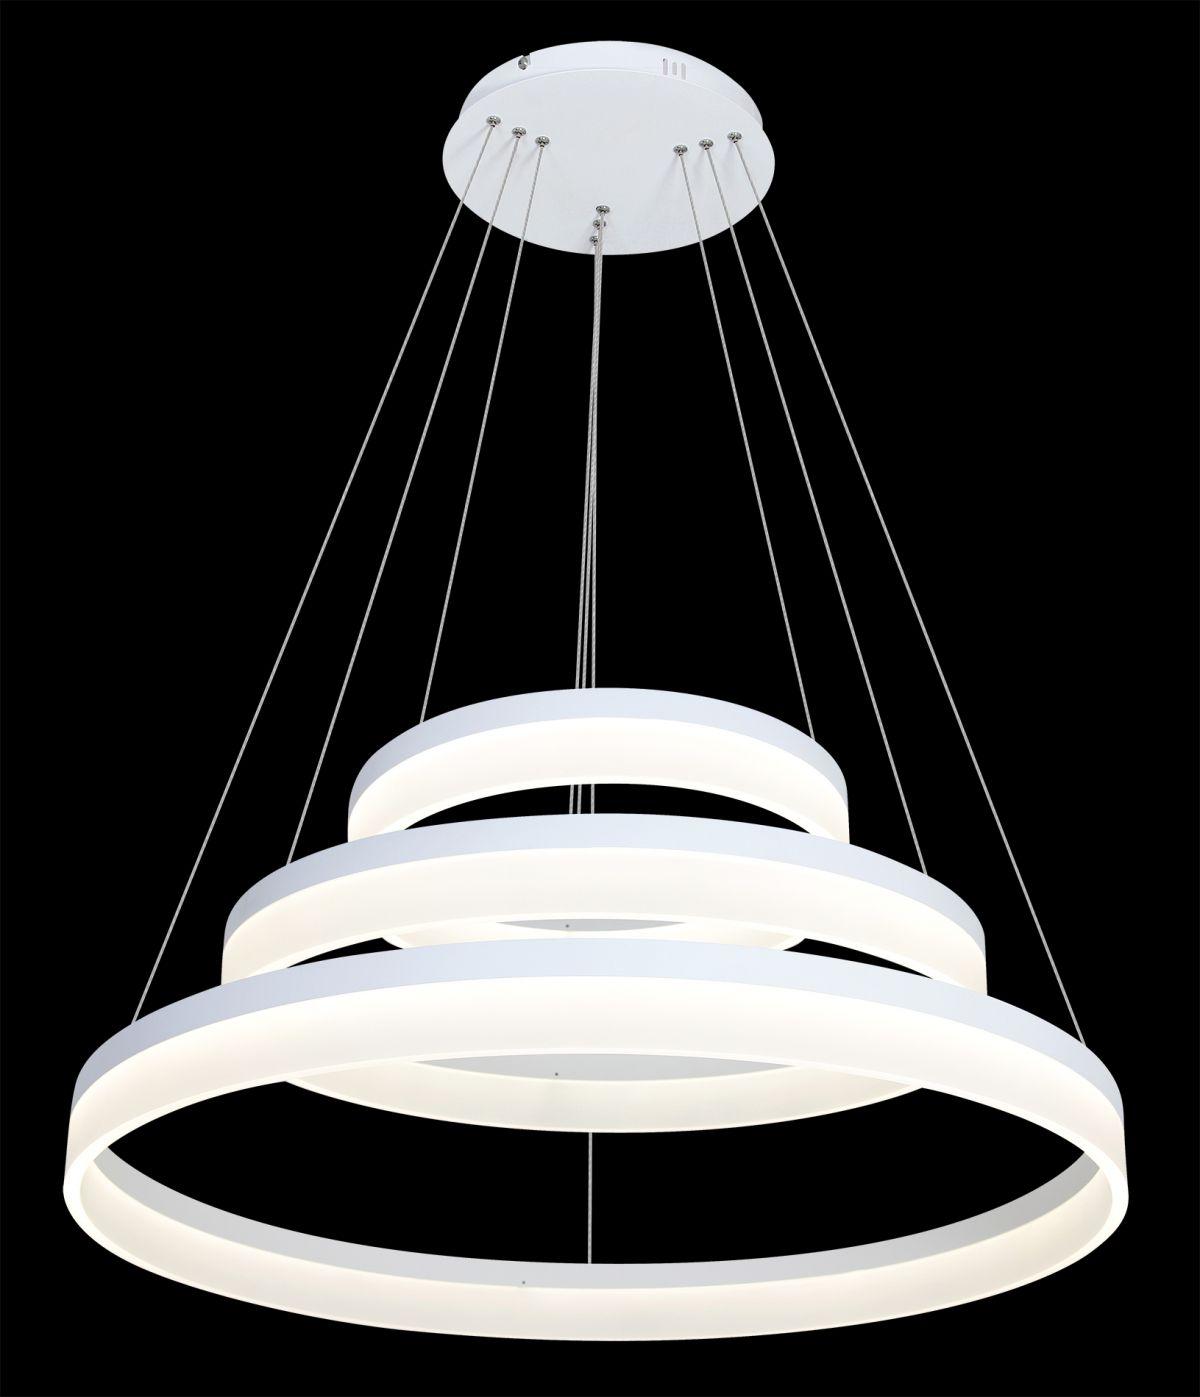 Lampy Sufitowe Led Castorama 0425